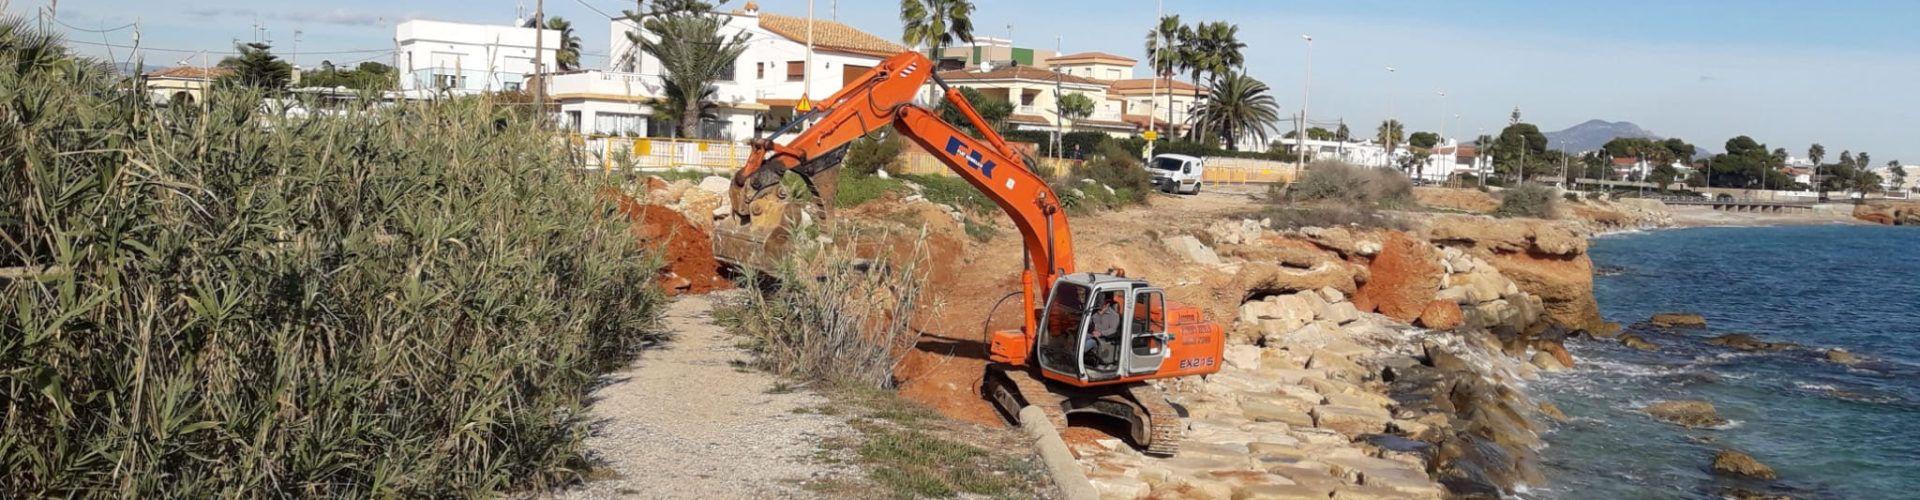 Costes continua amb les feines de preservació del litoral a Vinaròs